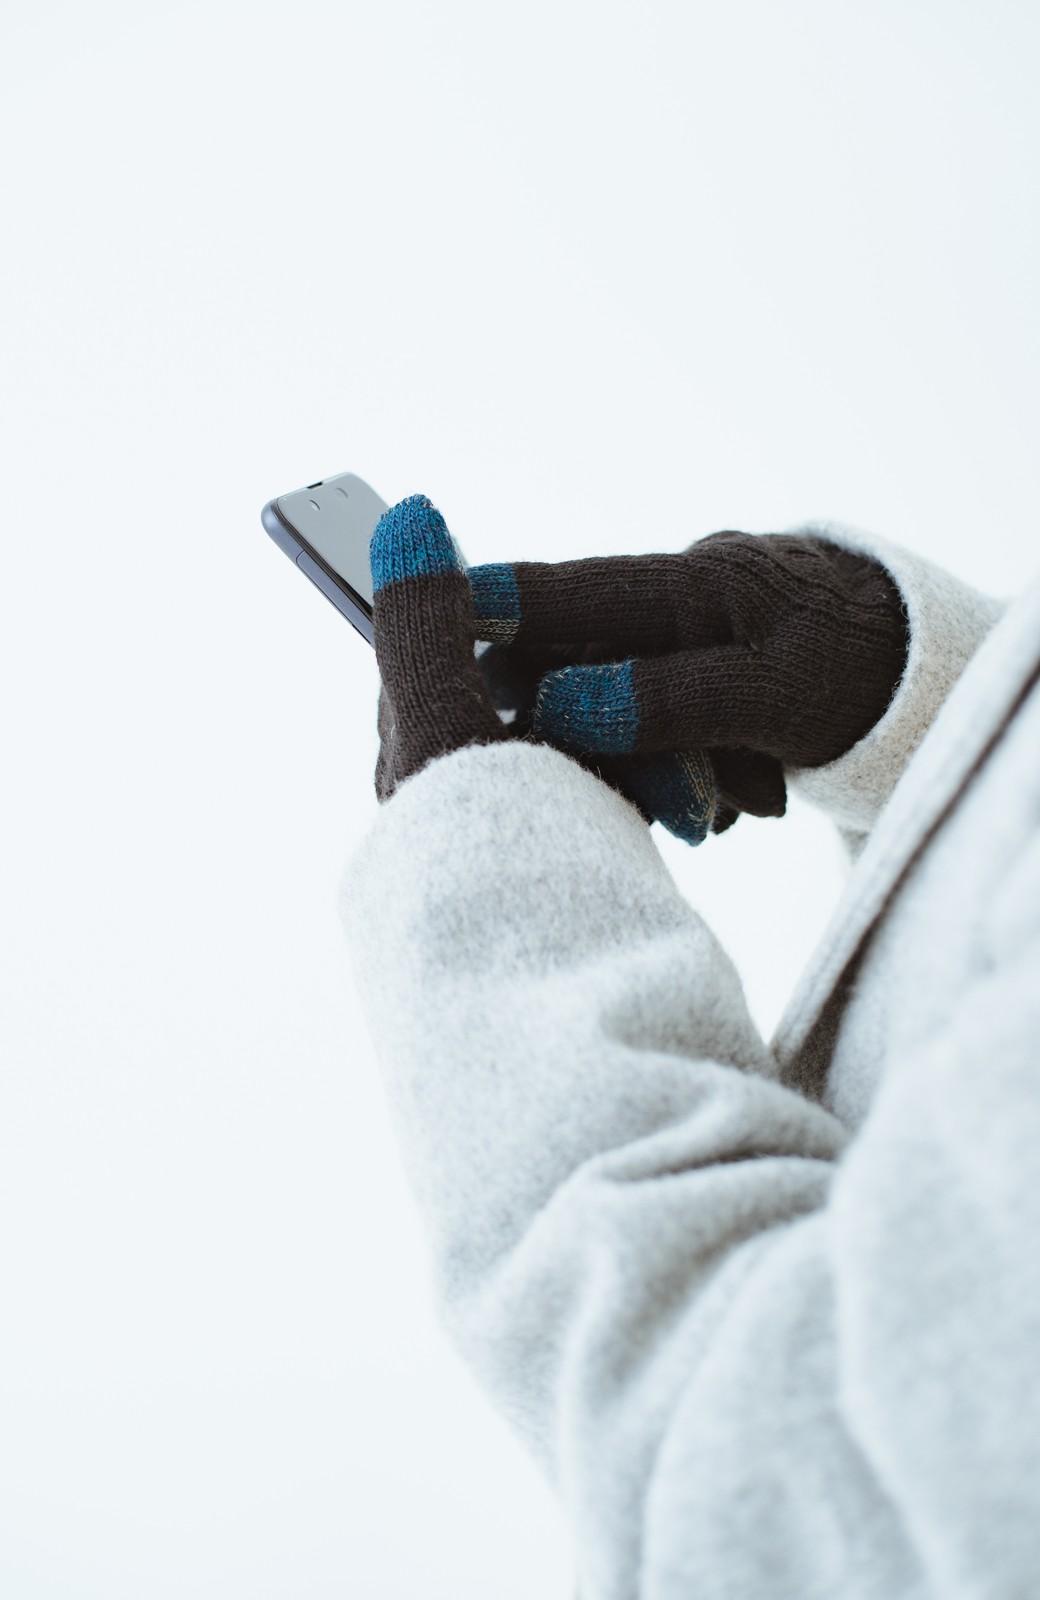 haco! タッチパネル対応手袋 イタリアンウールグローブ <ブラック>の商品写真6